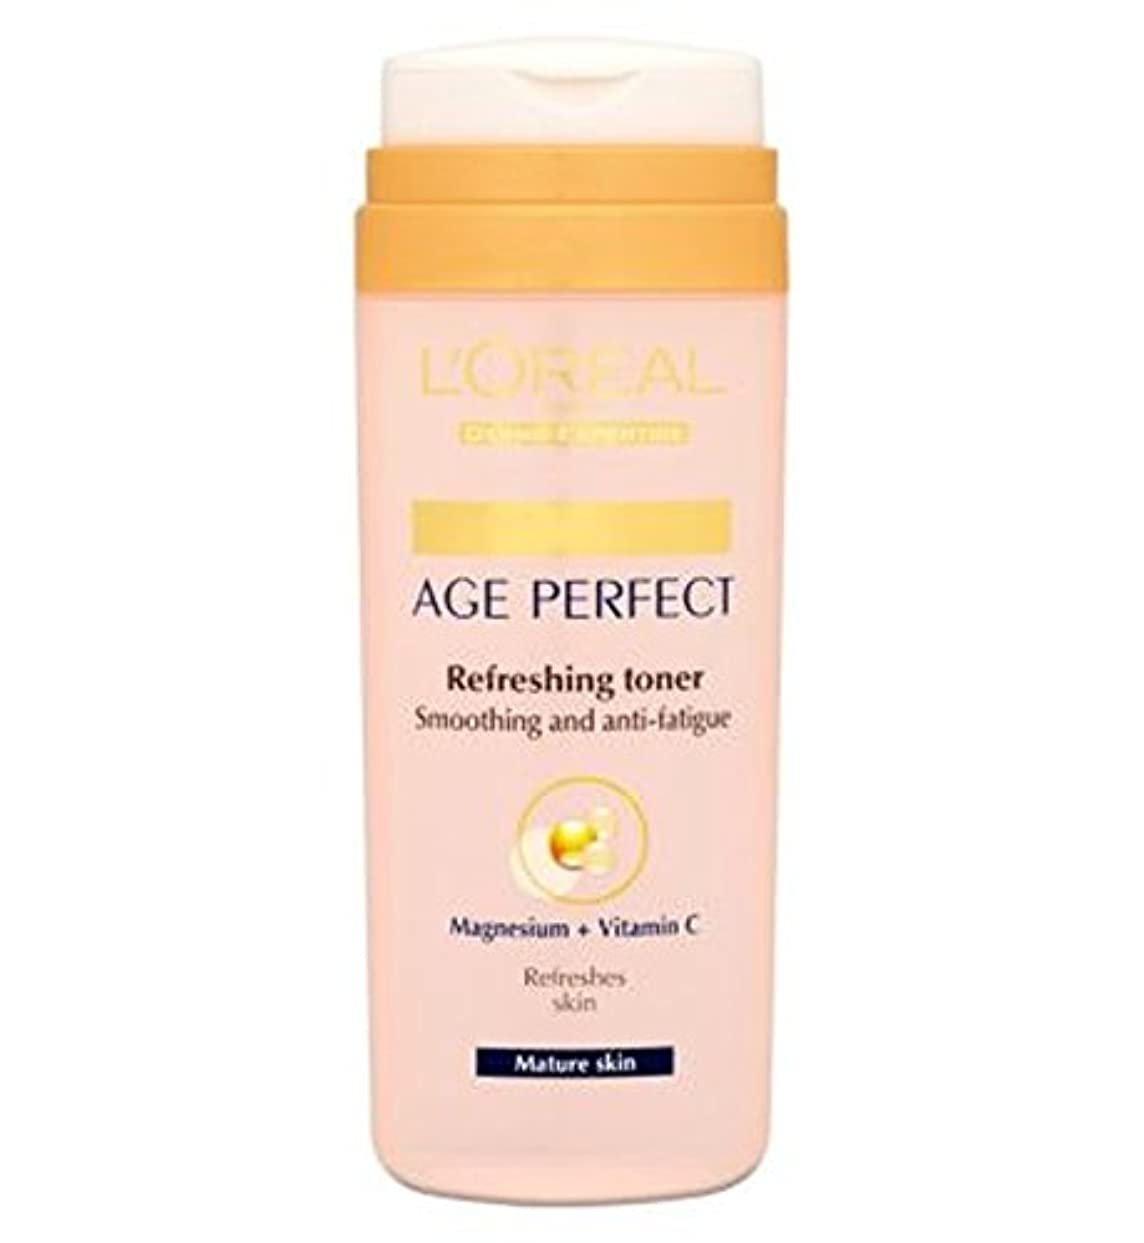 険しいフォージ望むL'Oreallパリ真皮専門知識の年齢、完璧なさわやかなトナー成熟肌の200ミリリットル (L'Oreal) (x2) - L'Oreall Paris Dermo-Expertise Age Perfect Refreshing...